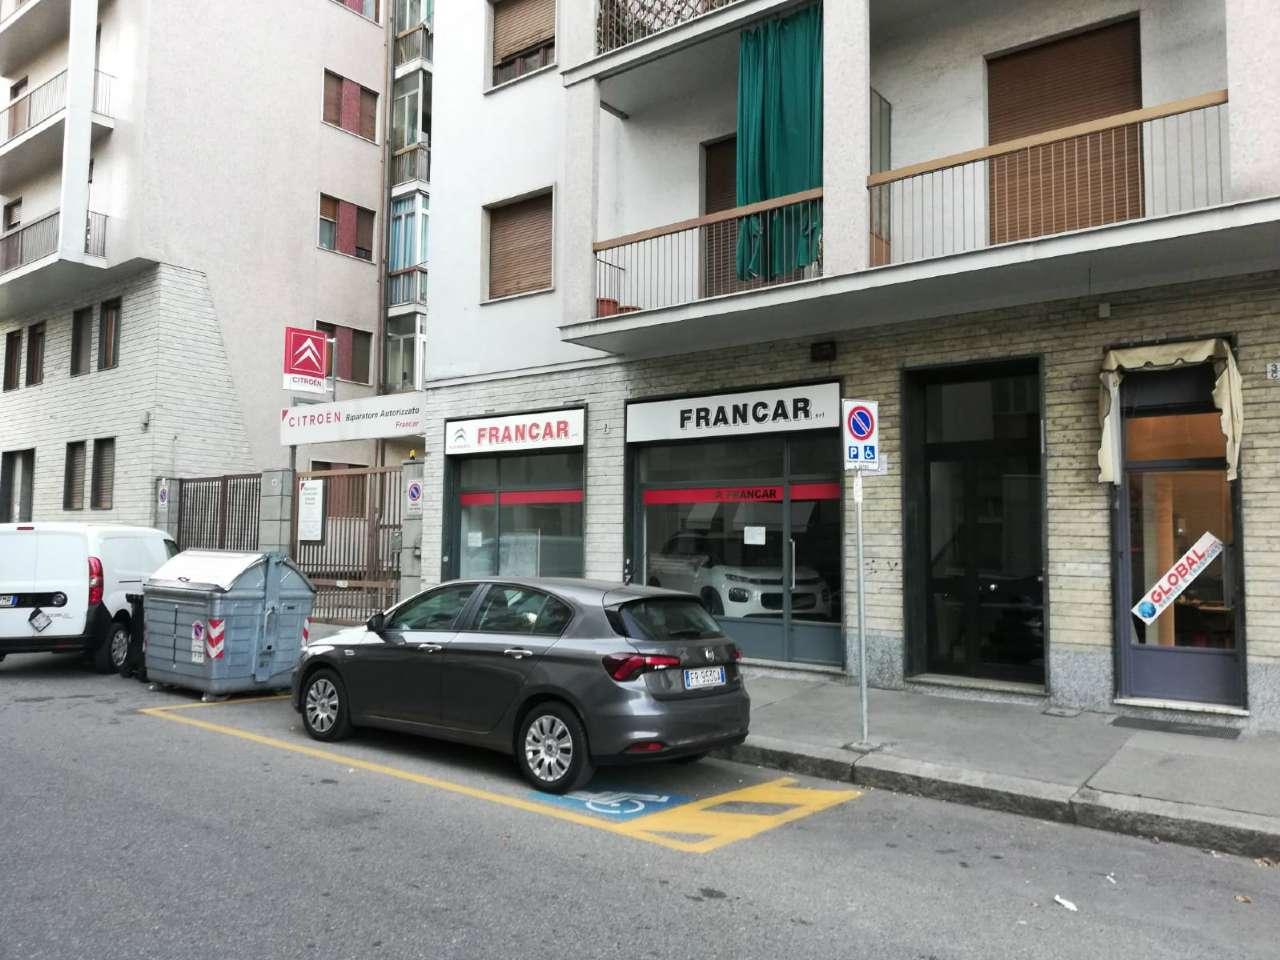 Negozio in affitto Zona Lingotto - via Asuncion 3 Torino